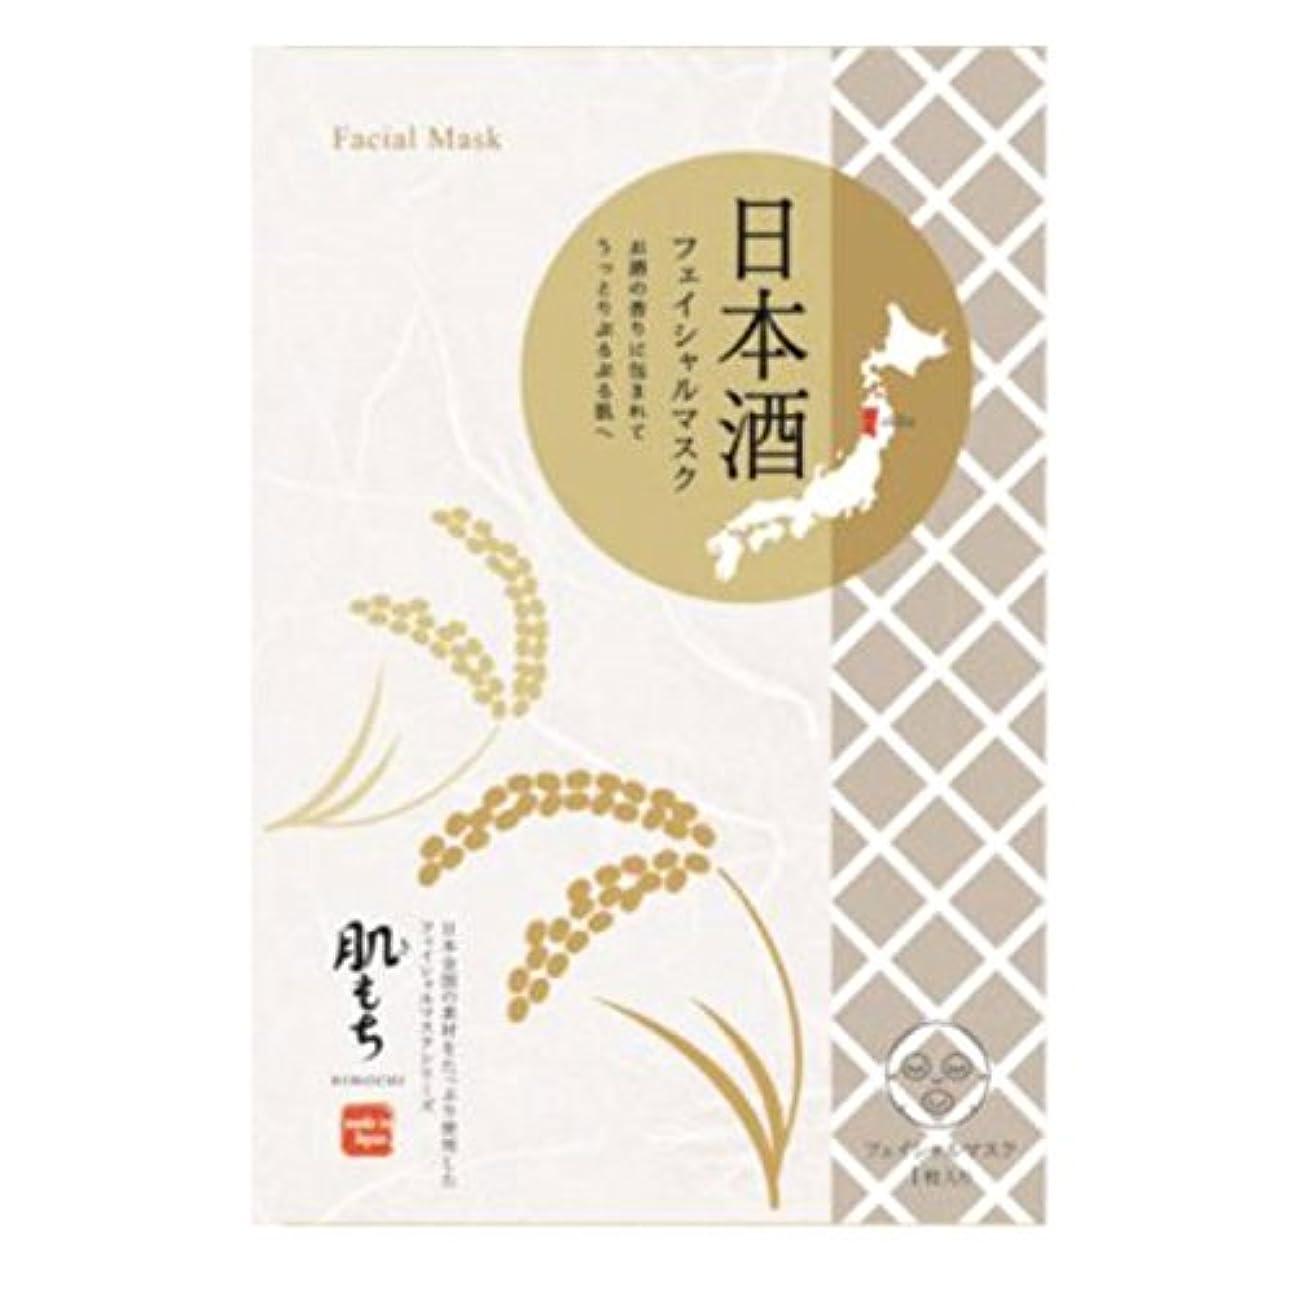 連鎖負荷舞い上がる肌もち(きもち) フェイシャルマスク 日本酒(1枚20ml) 5枚セット